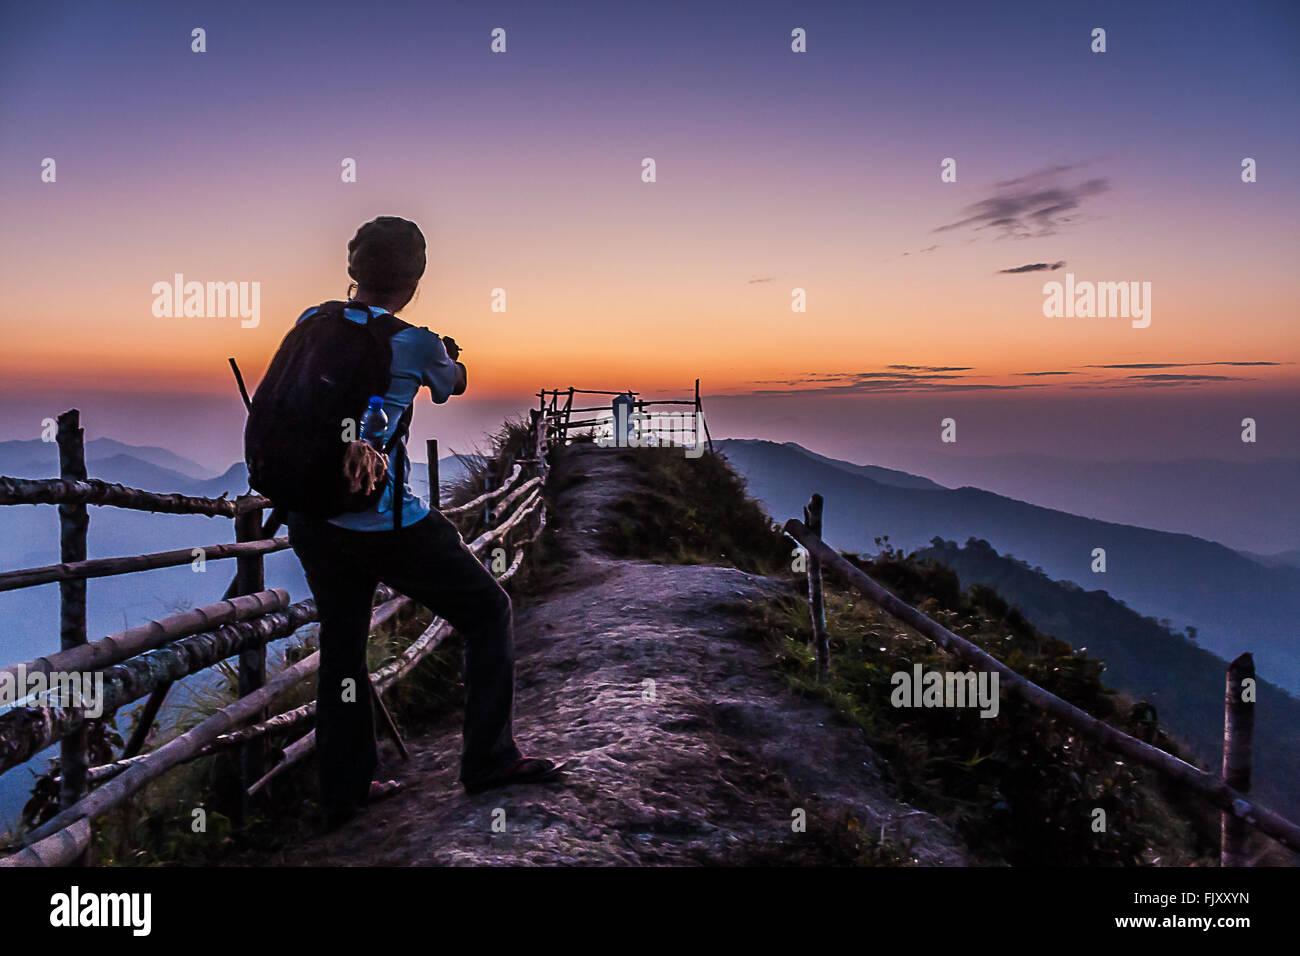 Excursionista de montaña permanente contra el cielo durante la puesta de sol Imagen De Stock